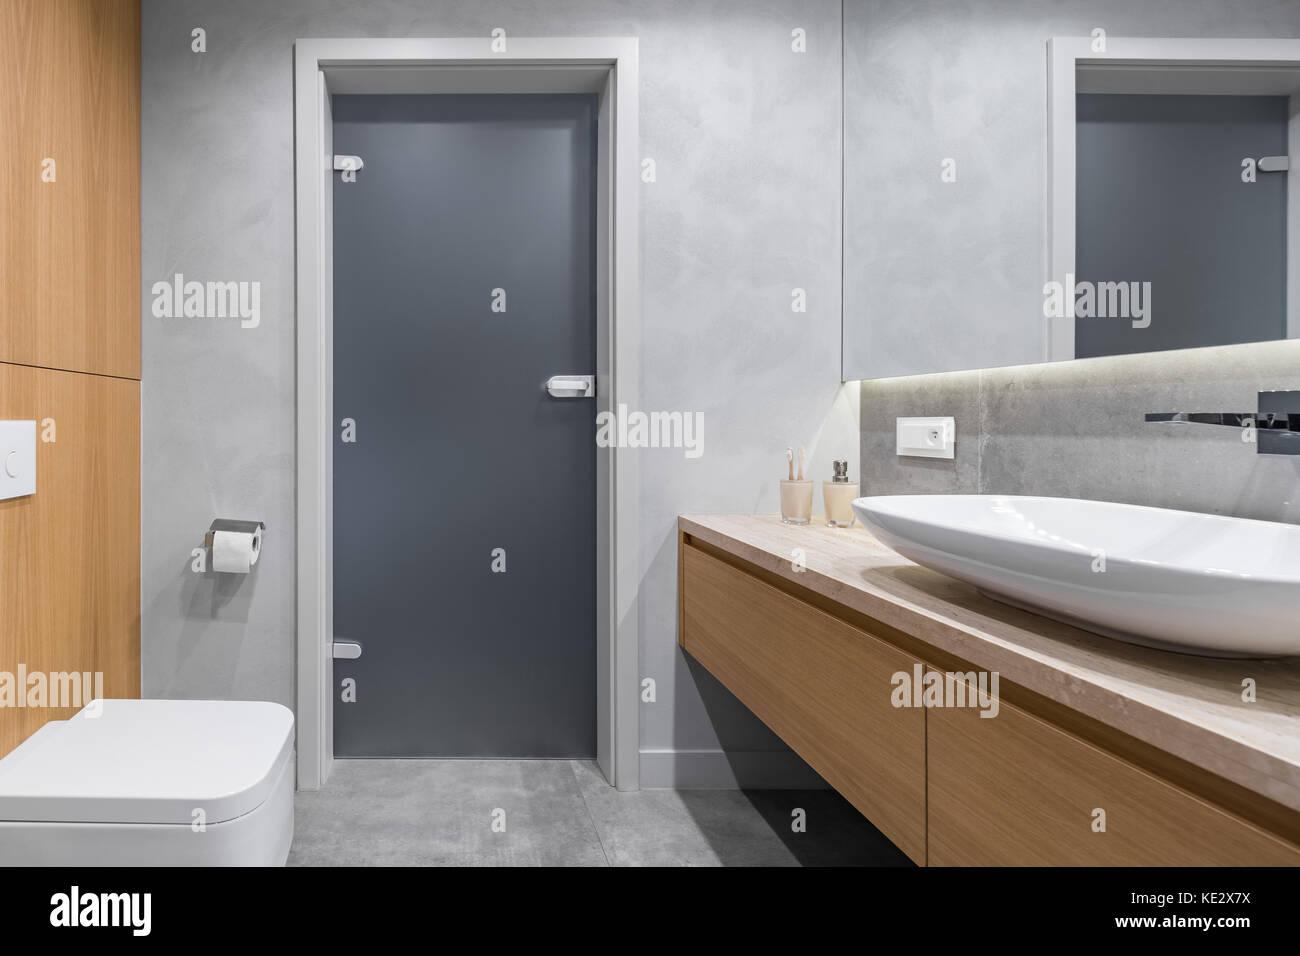 Neues Design Badezimmer mit eingelassenem Waschbecken ...